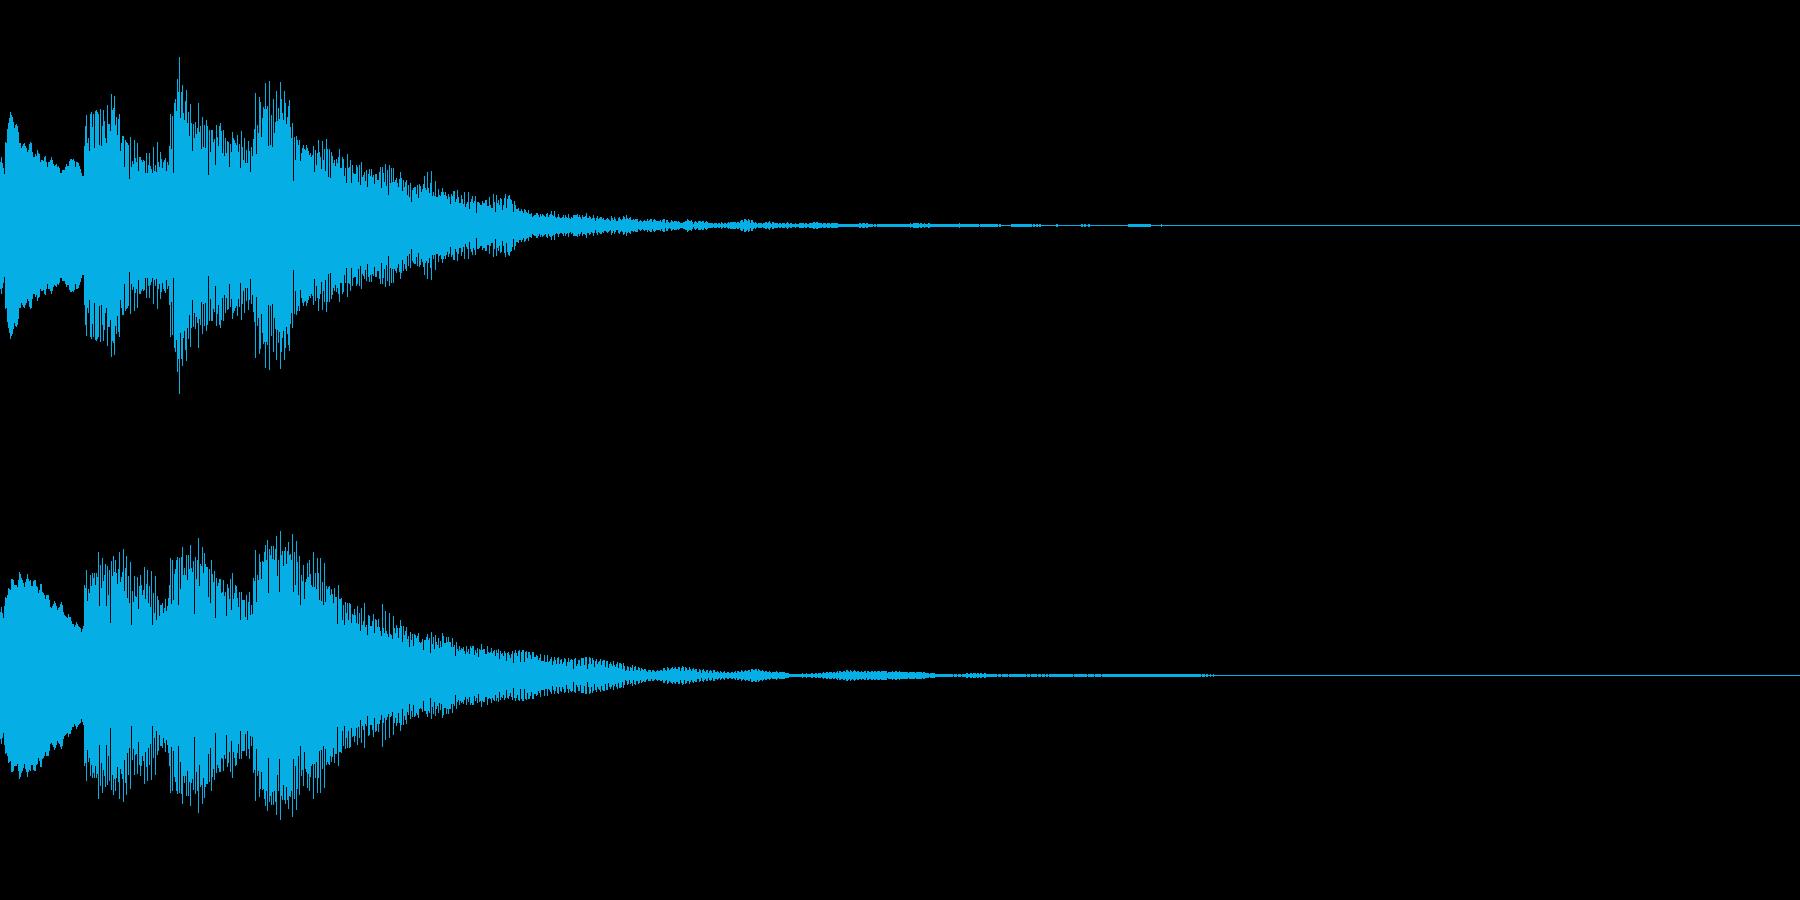 ピンポンピンポン 正解 おとなしめの再生済みの波形